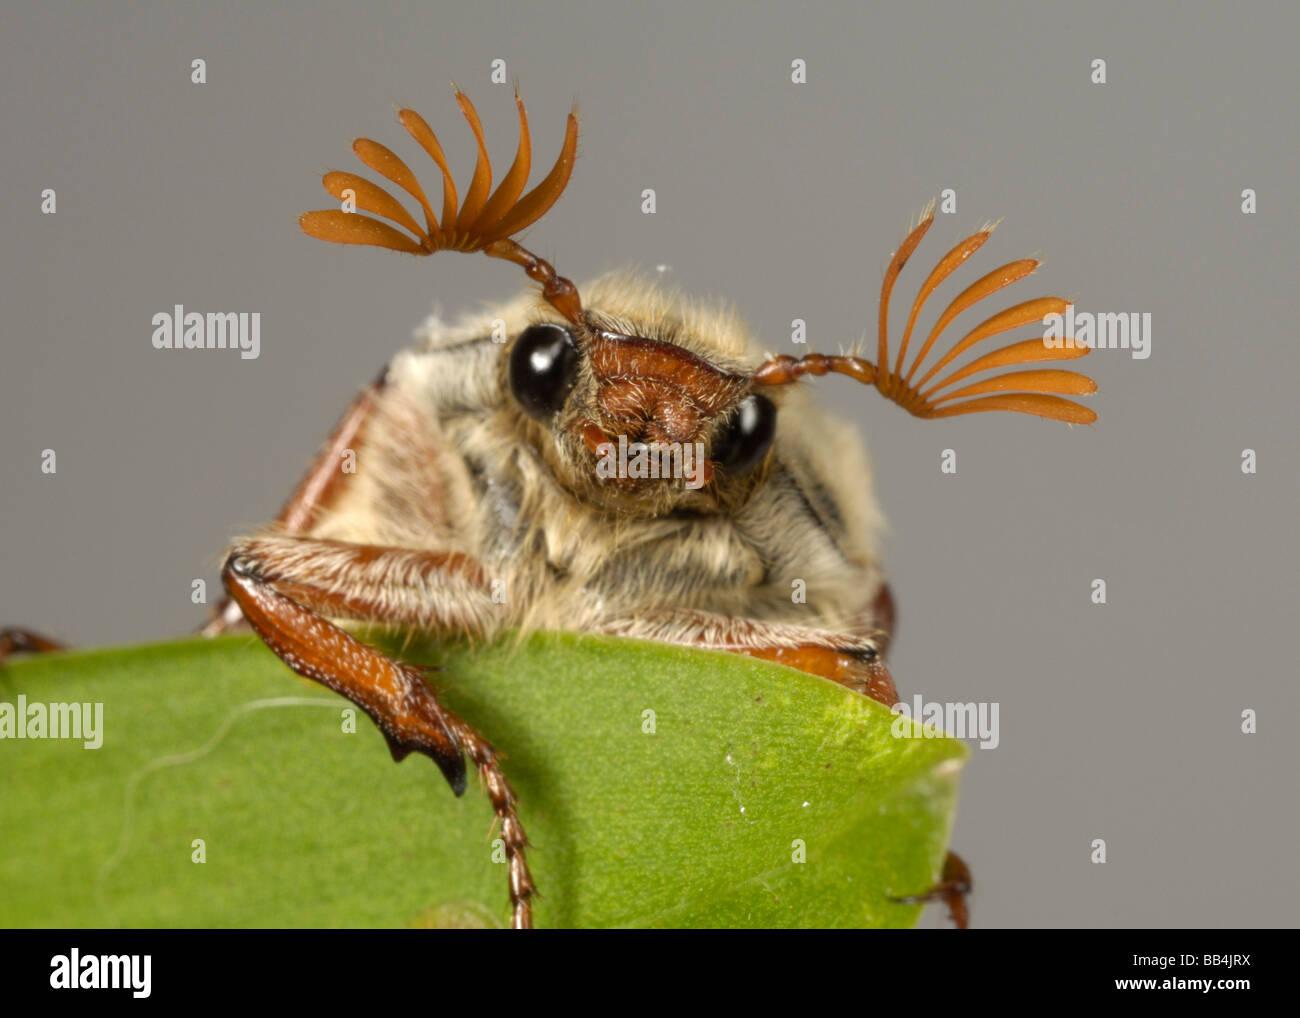 Kopf und Fühler von einem Erwachsenen Maikäfer Melolontha Melolontha oder können auf einem Blatt bug Stockfoto